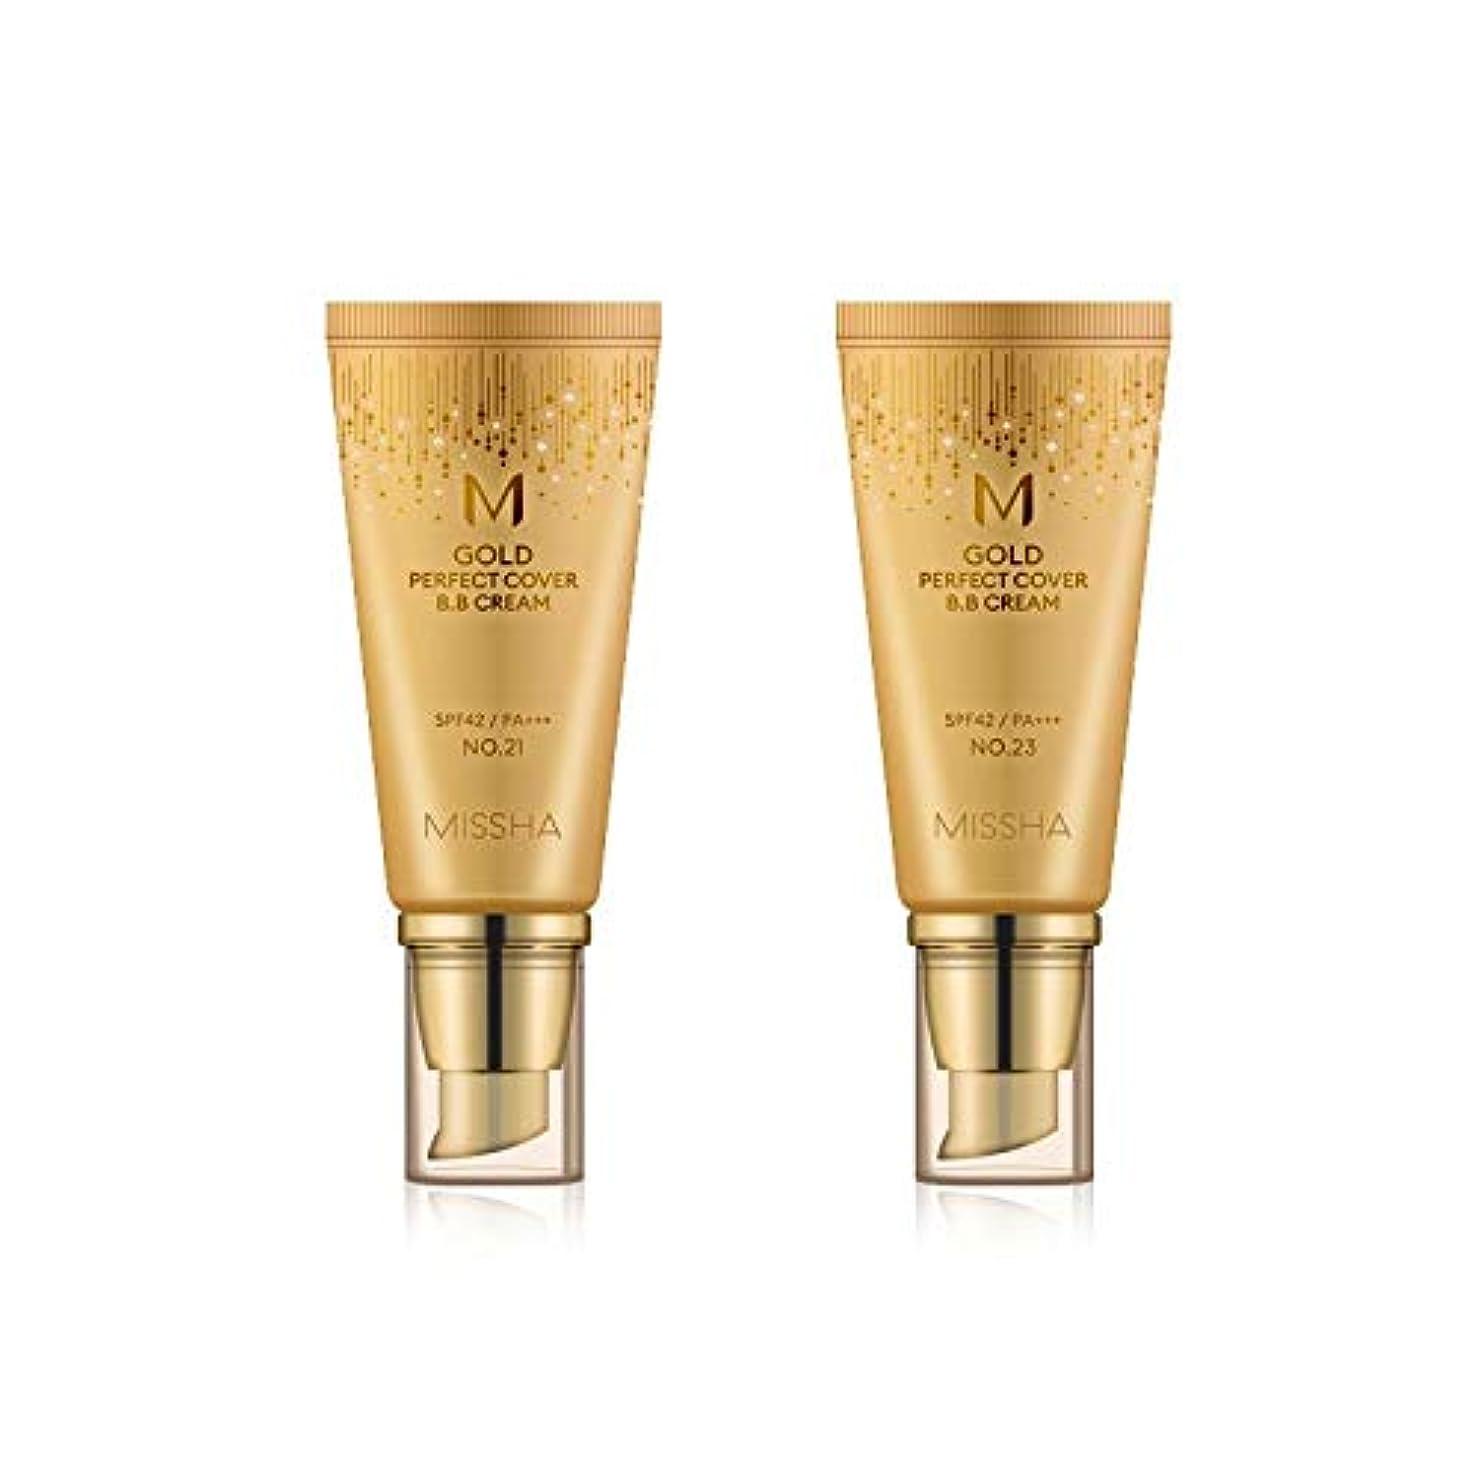 自己スポークスマン管理するMISSHA Gold Perfecte Cover BB Cream SPF42 PA+++ / ミシャ ゴールド パーフェクト カバー BBクリーム 50ml *NO.21 [並行輸入品]